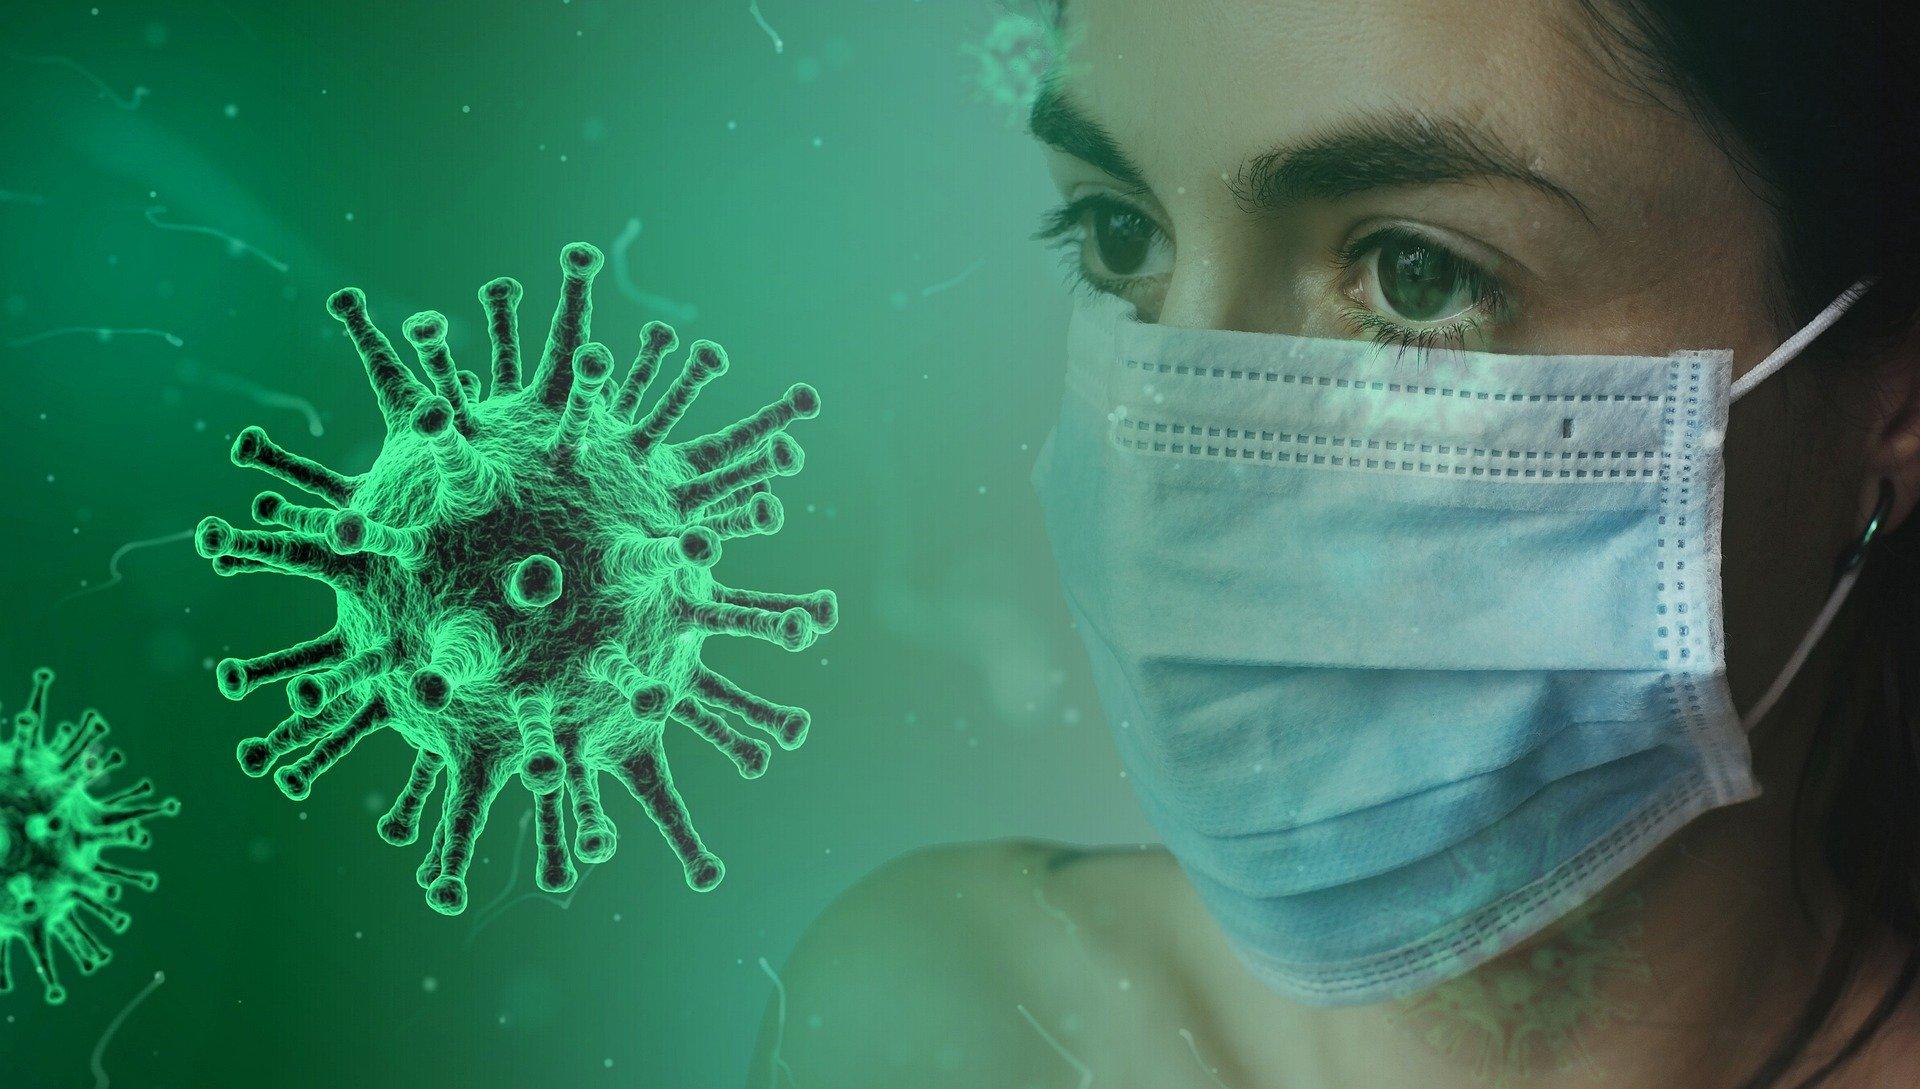 obrazek wirusa - odnośnik do artykułów dotyczących covid 19